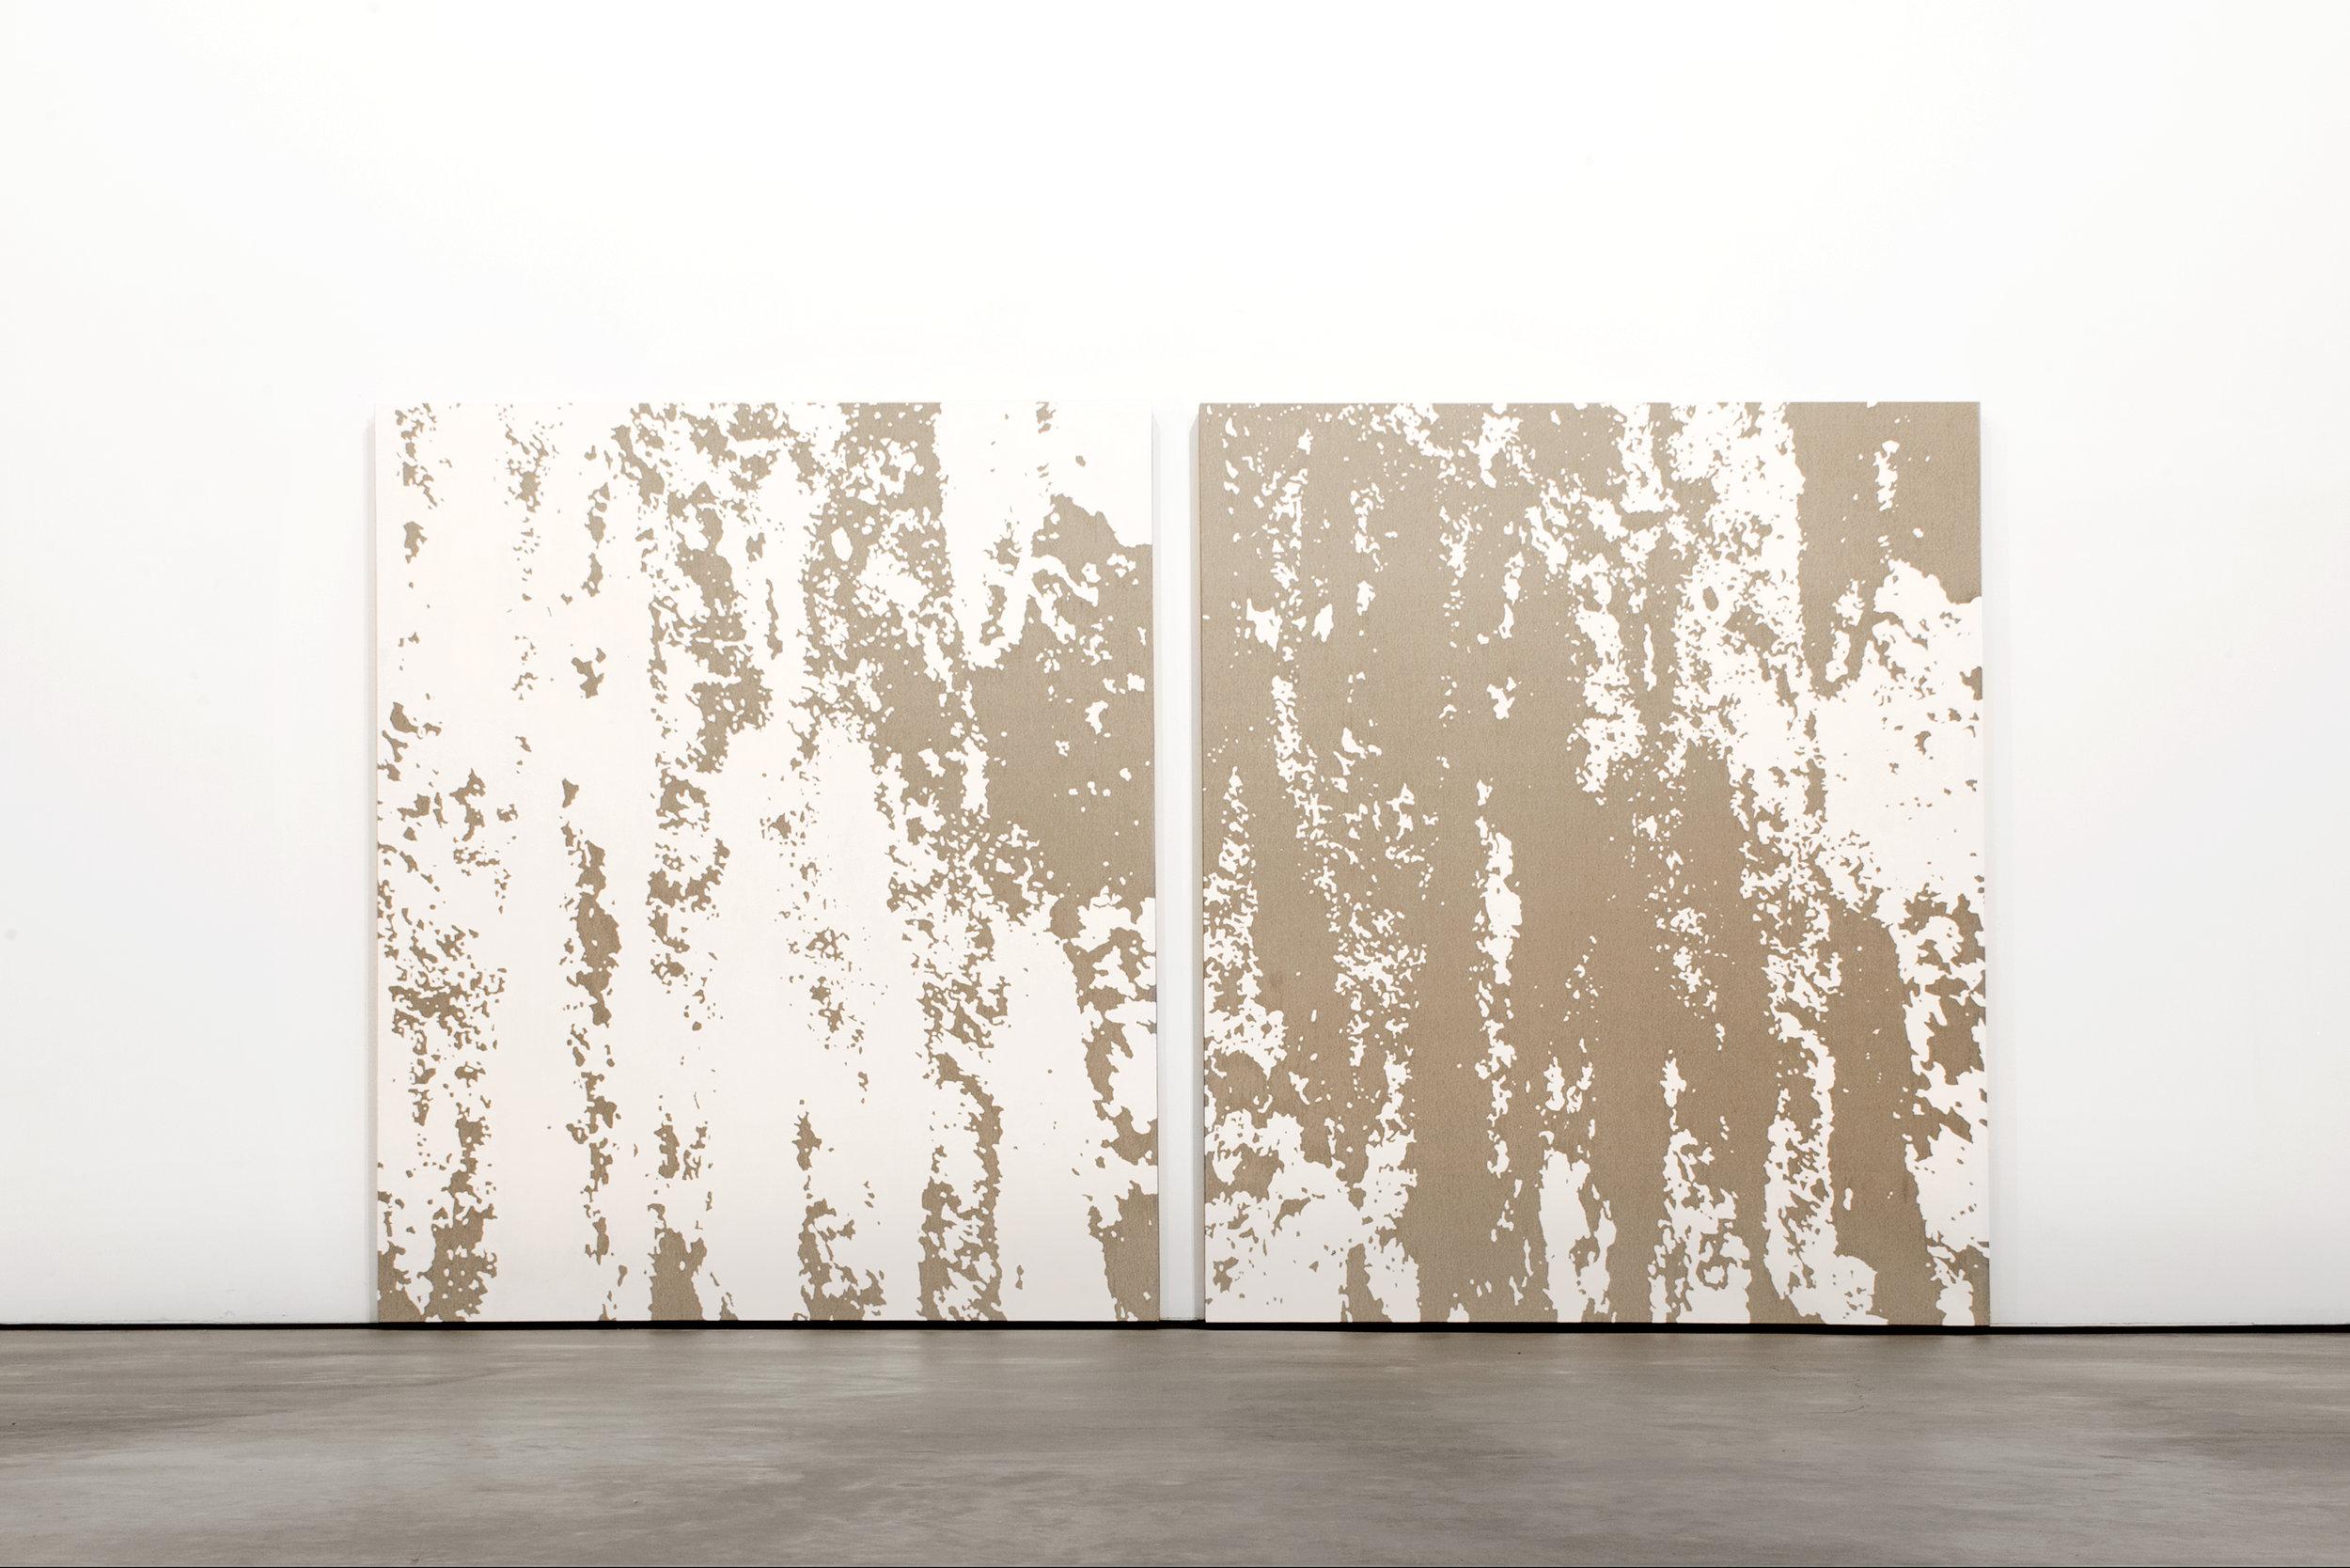 1/81 Museu do Côa, 2015